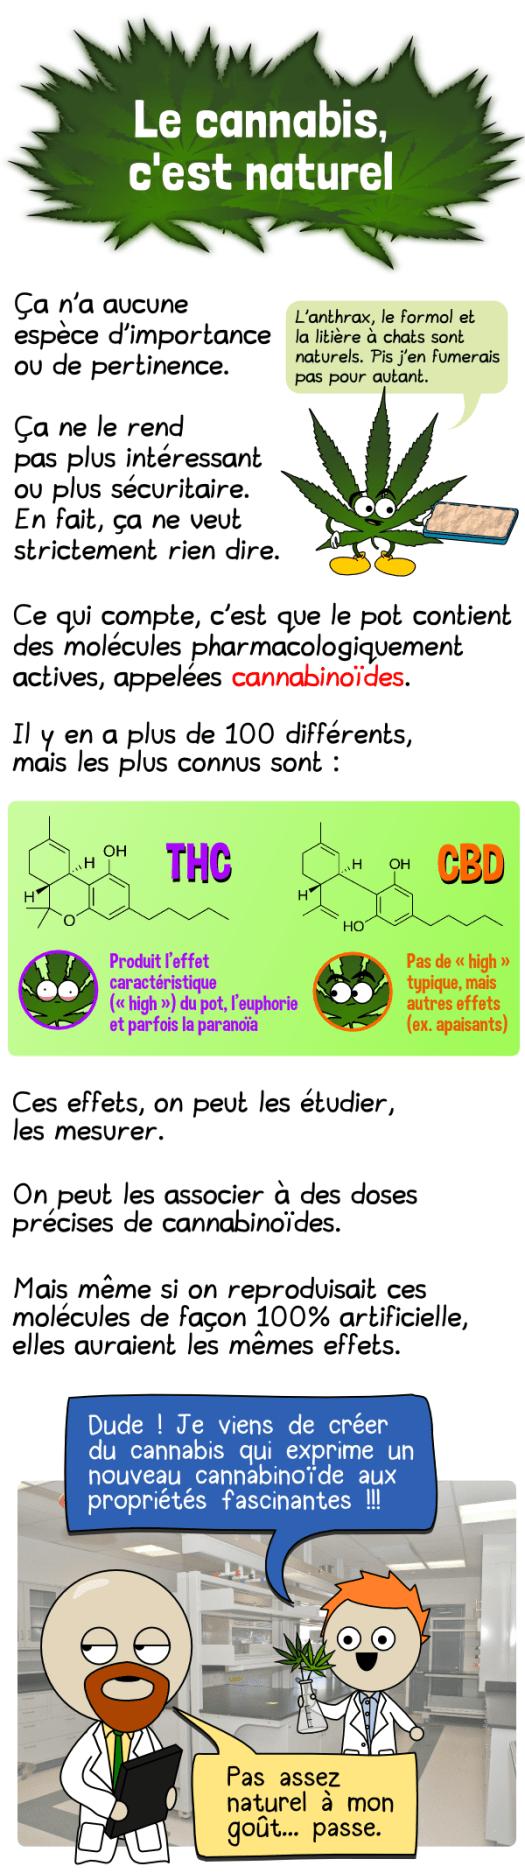 cannabis-01a